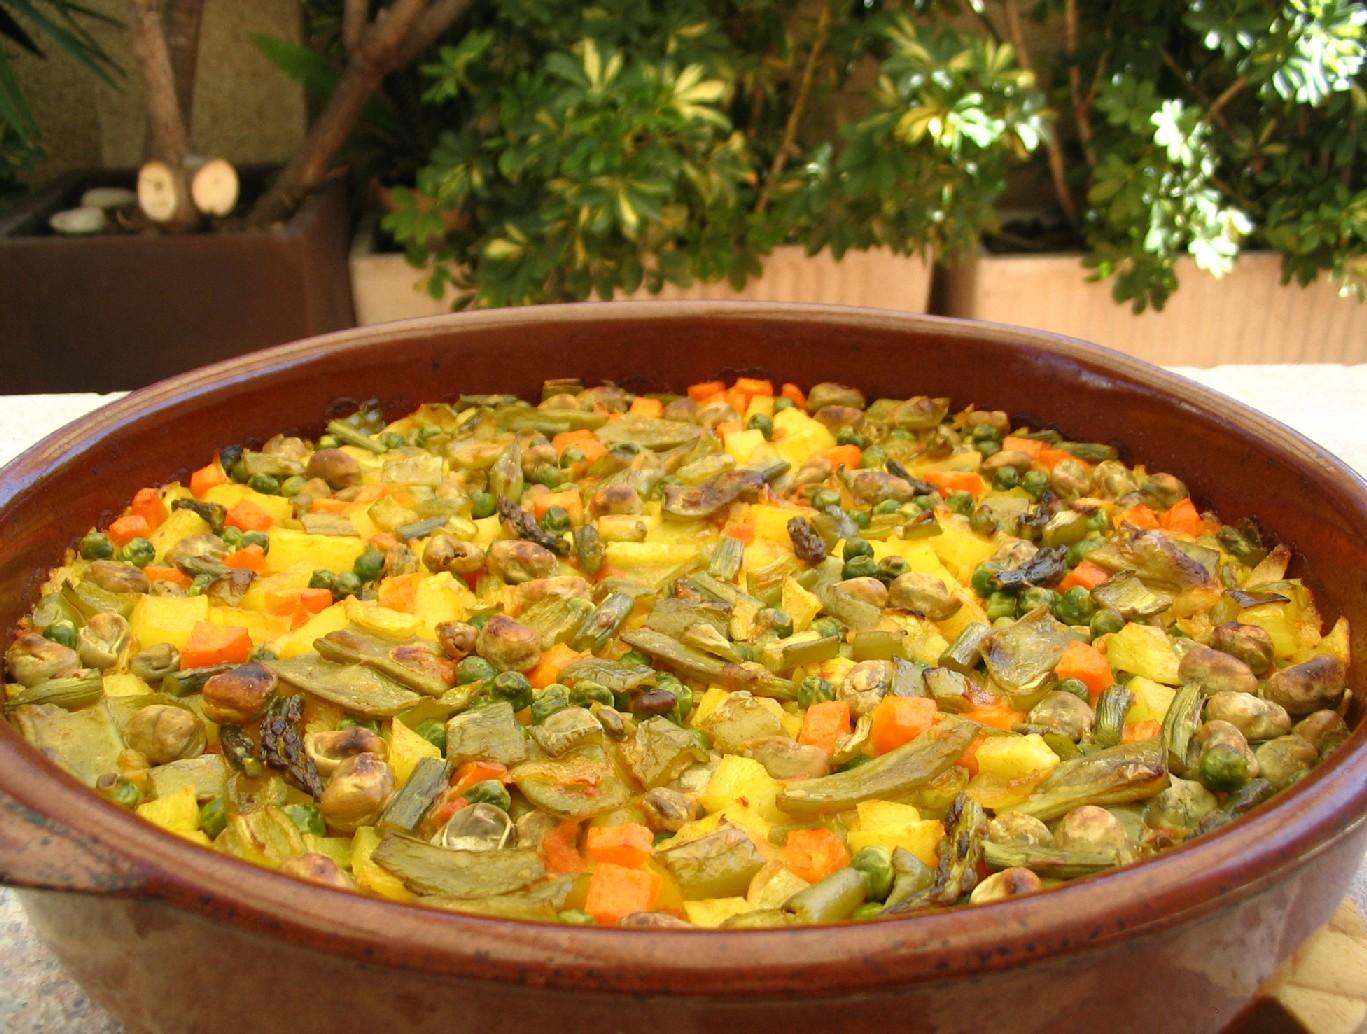 La cuchara curiosa arroz con verduras al horno - Arroz con pescado y verduras ...